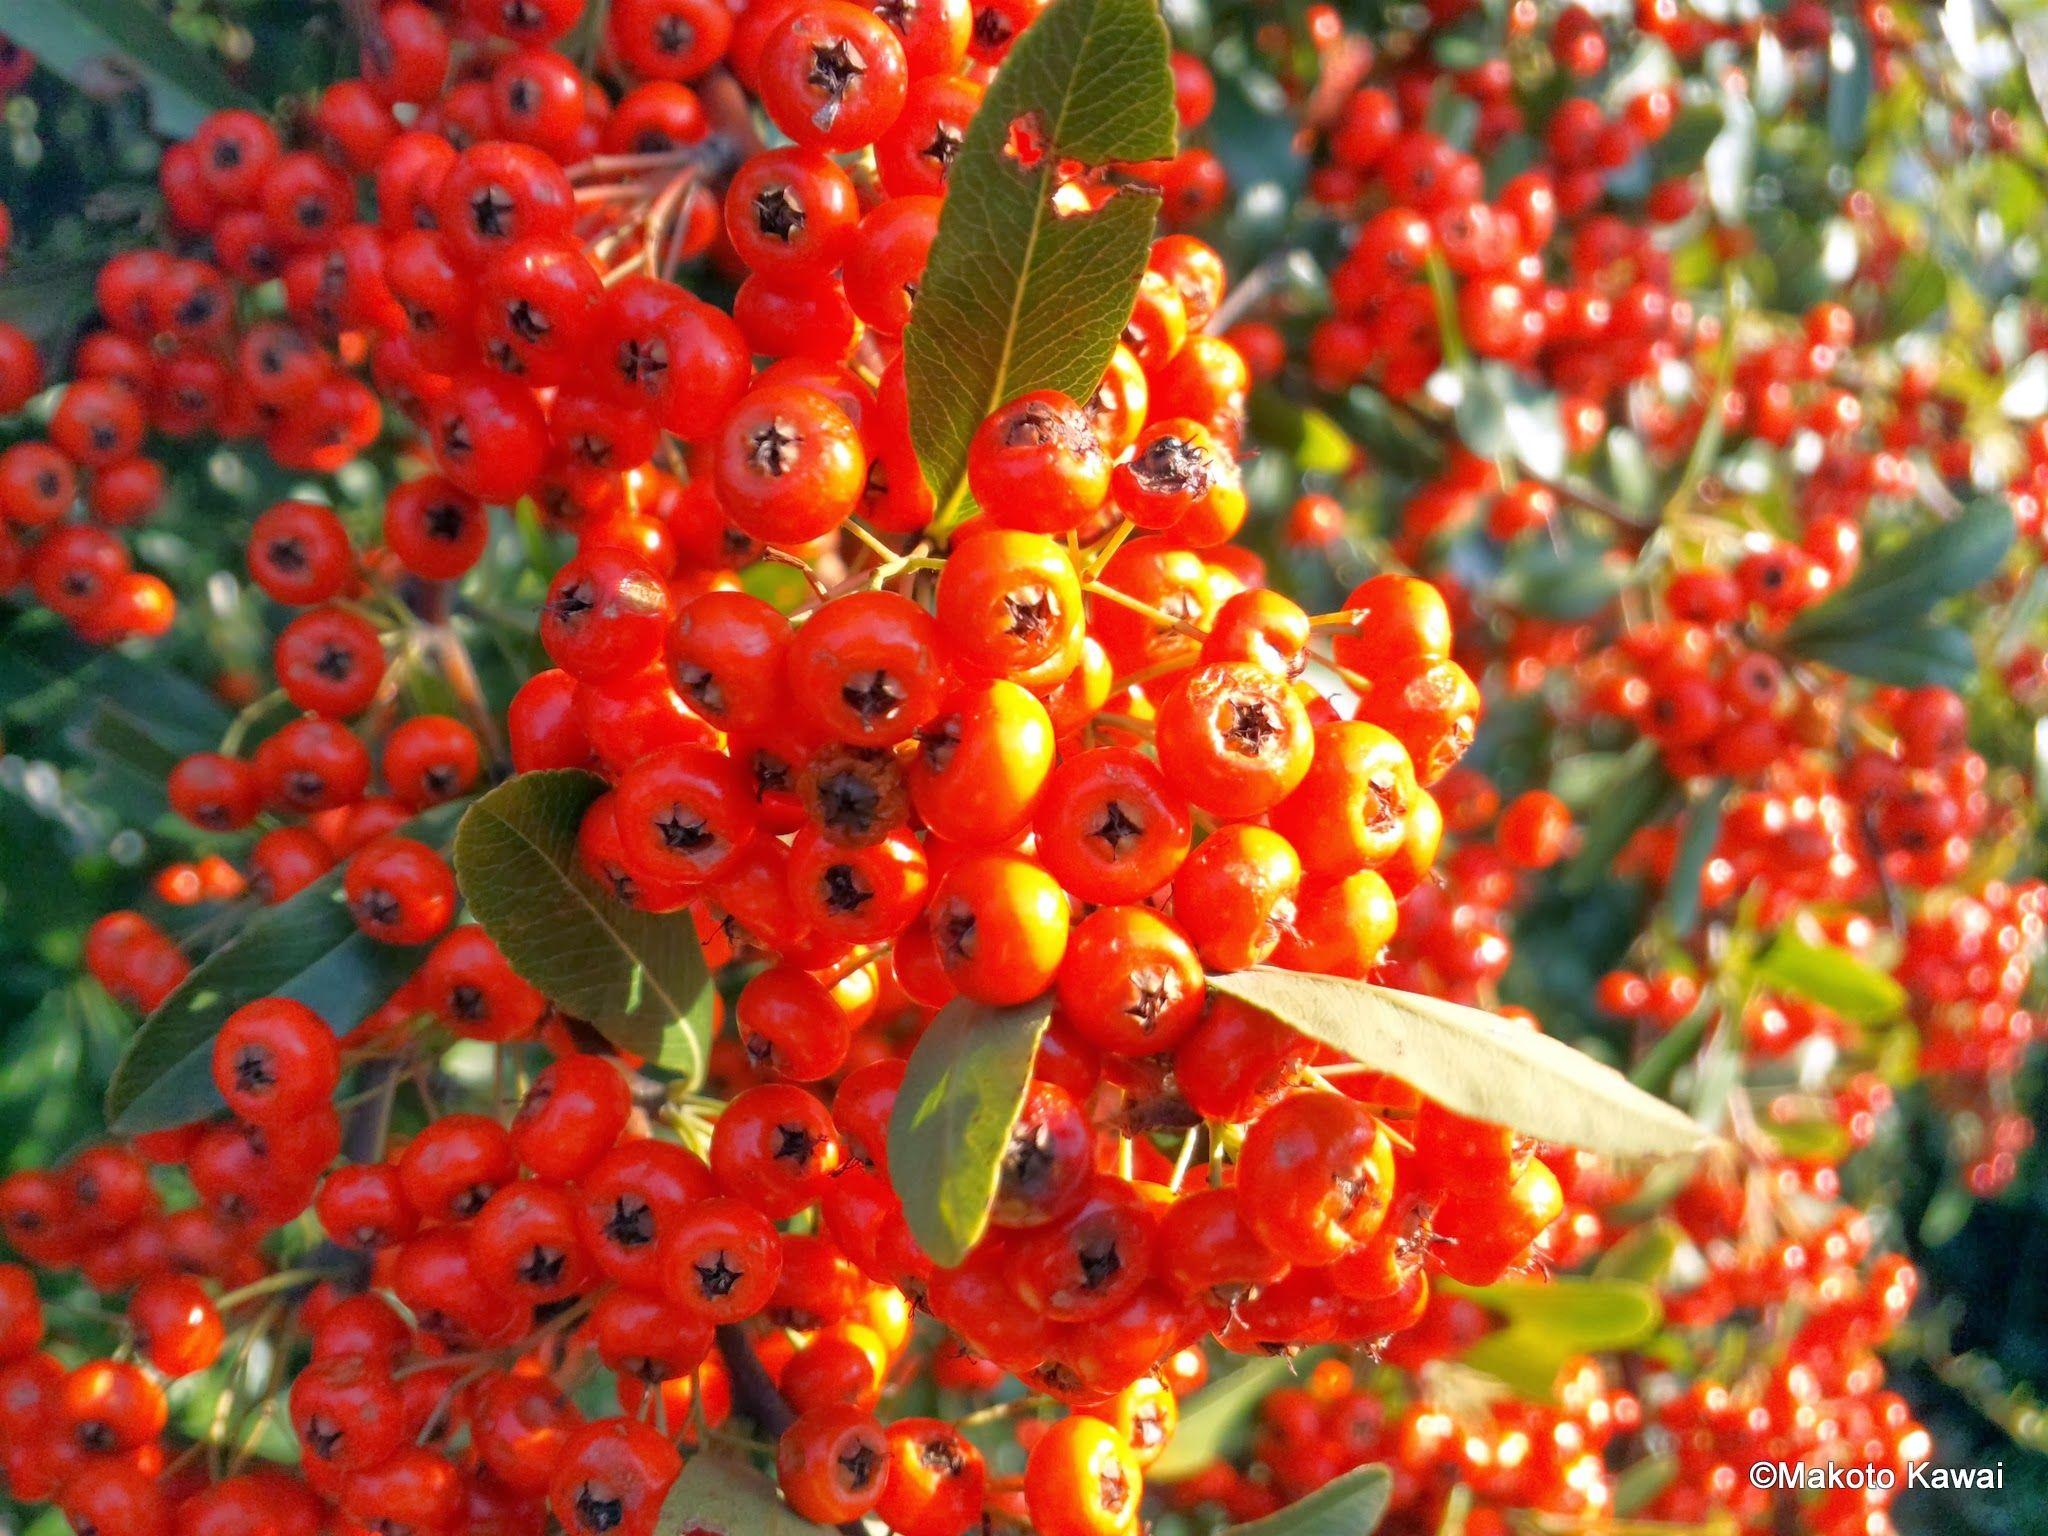 赤い実の群れ